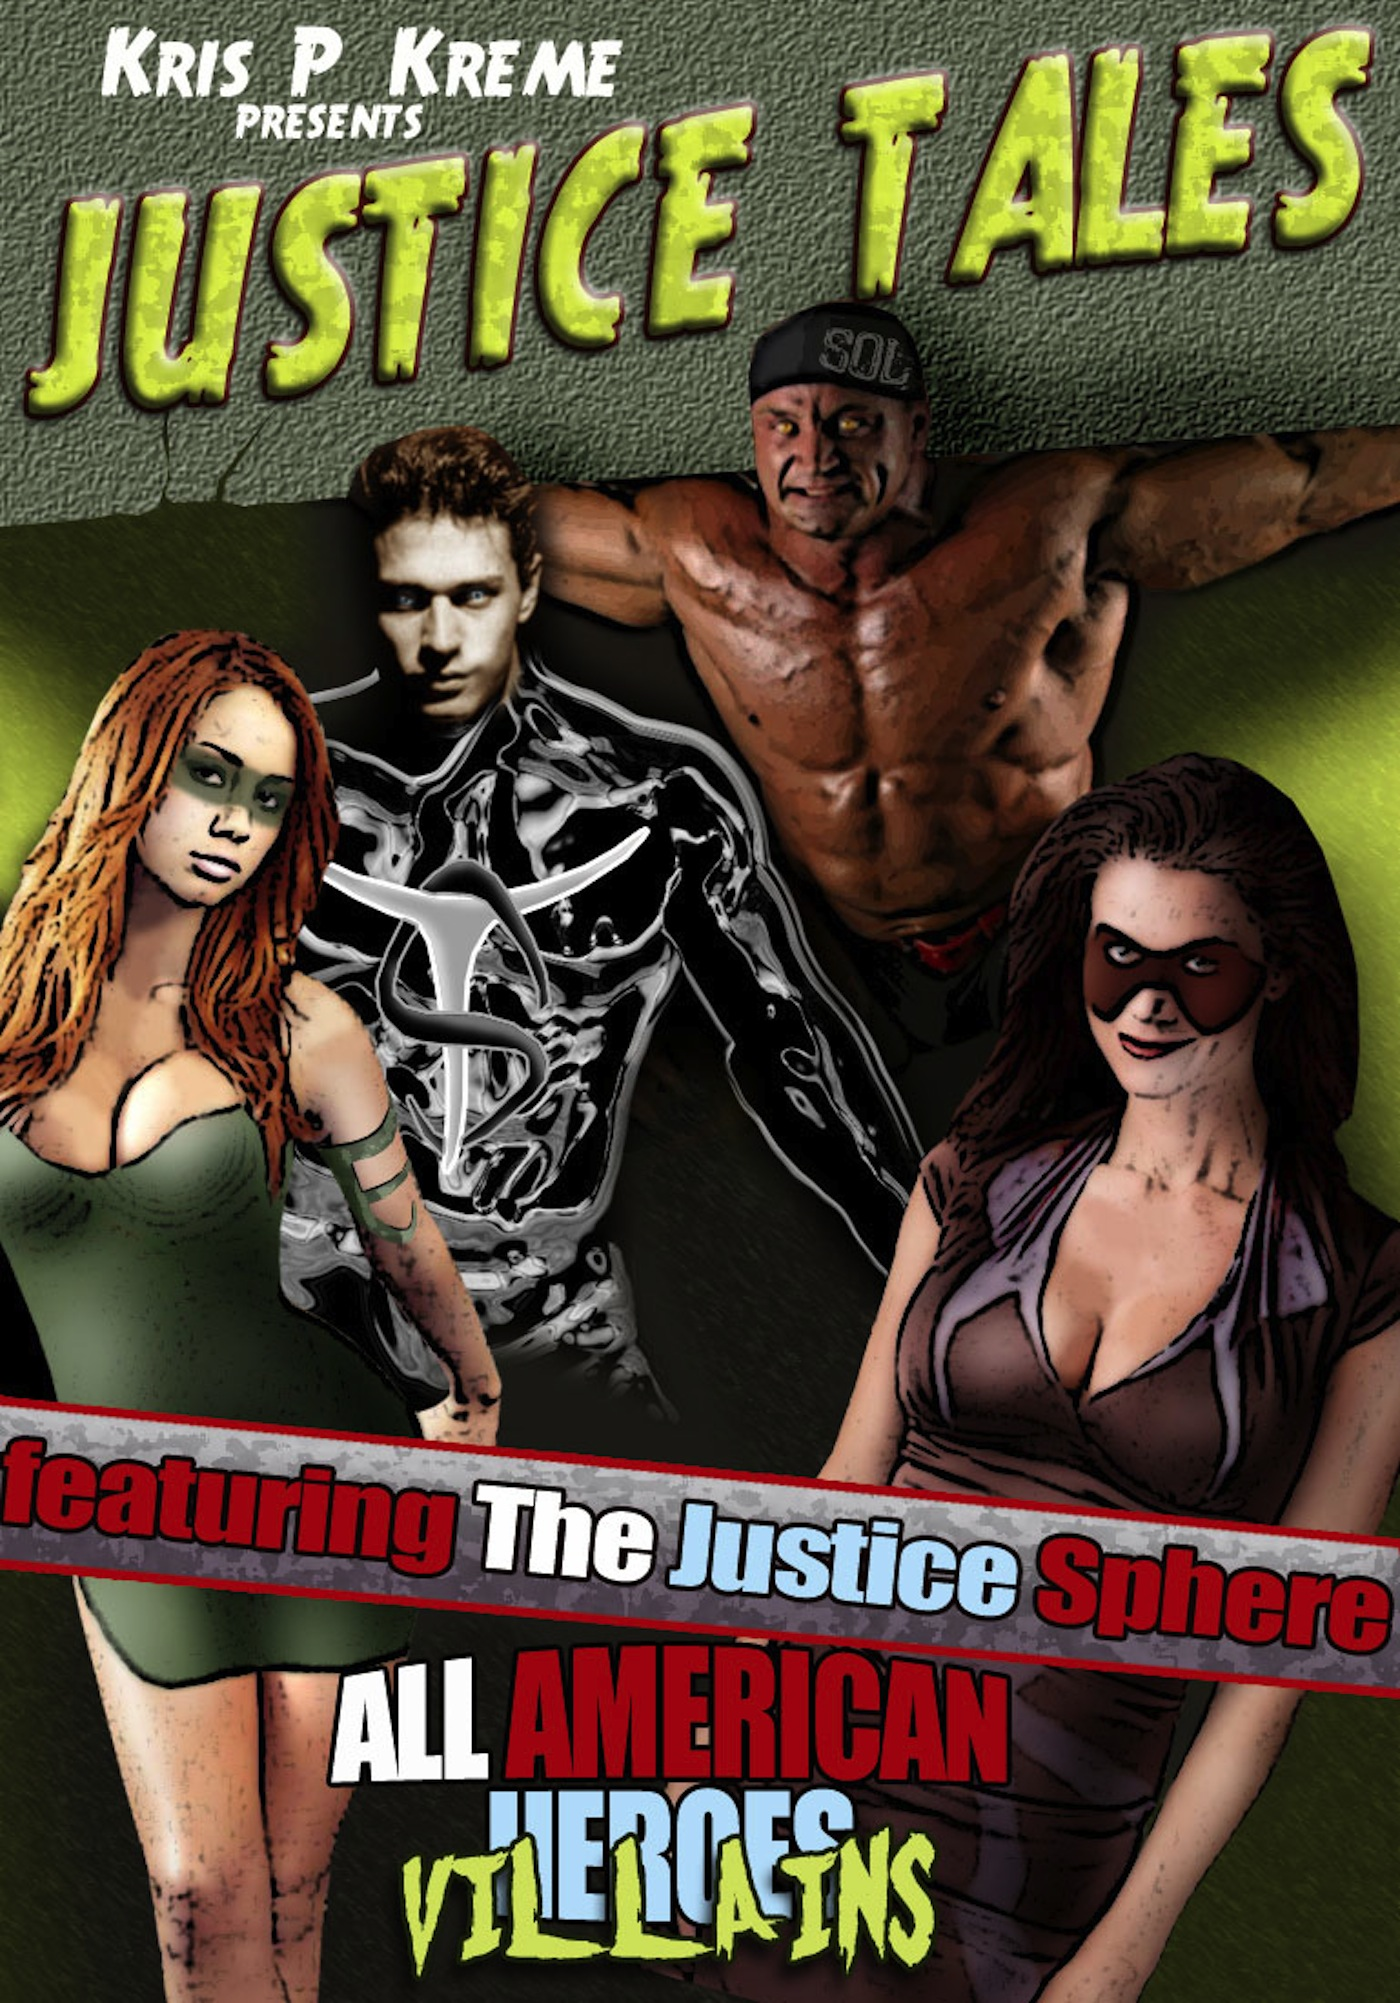 Justice Tales